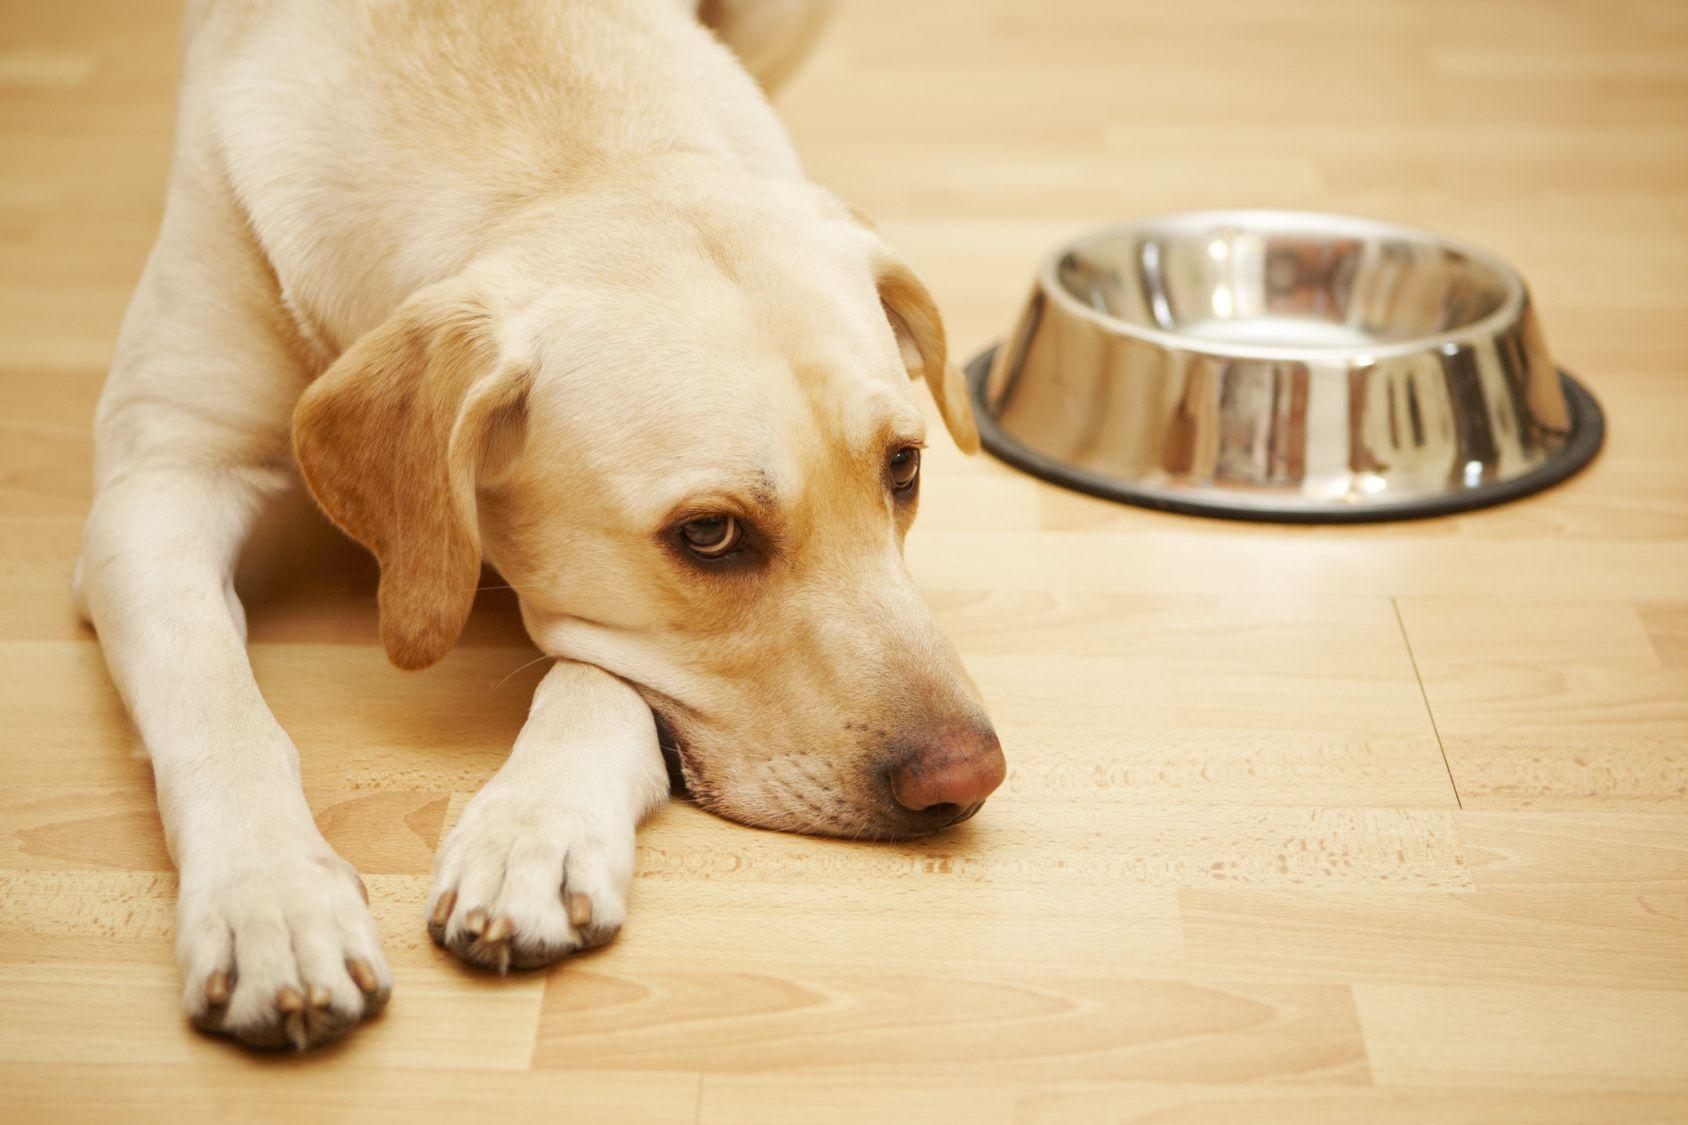 Потеря аппетита – тревожный симптом, при котором рекомендуется измерить собаке температуру